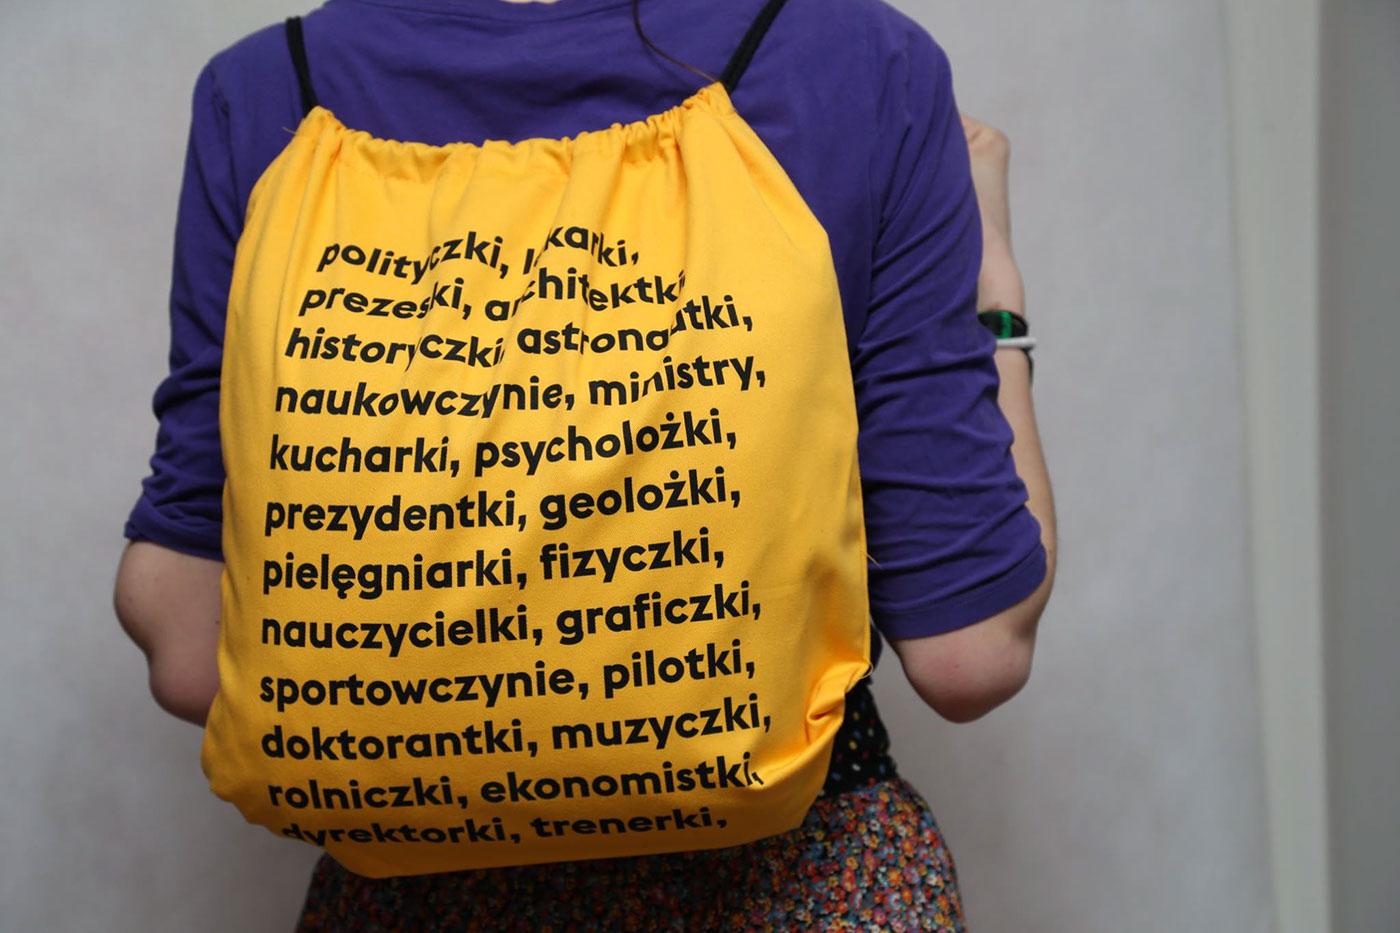 Manifa językpolkisięodmienia jedźjakbaba językpolki feminism bagdesign backpack